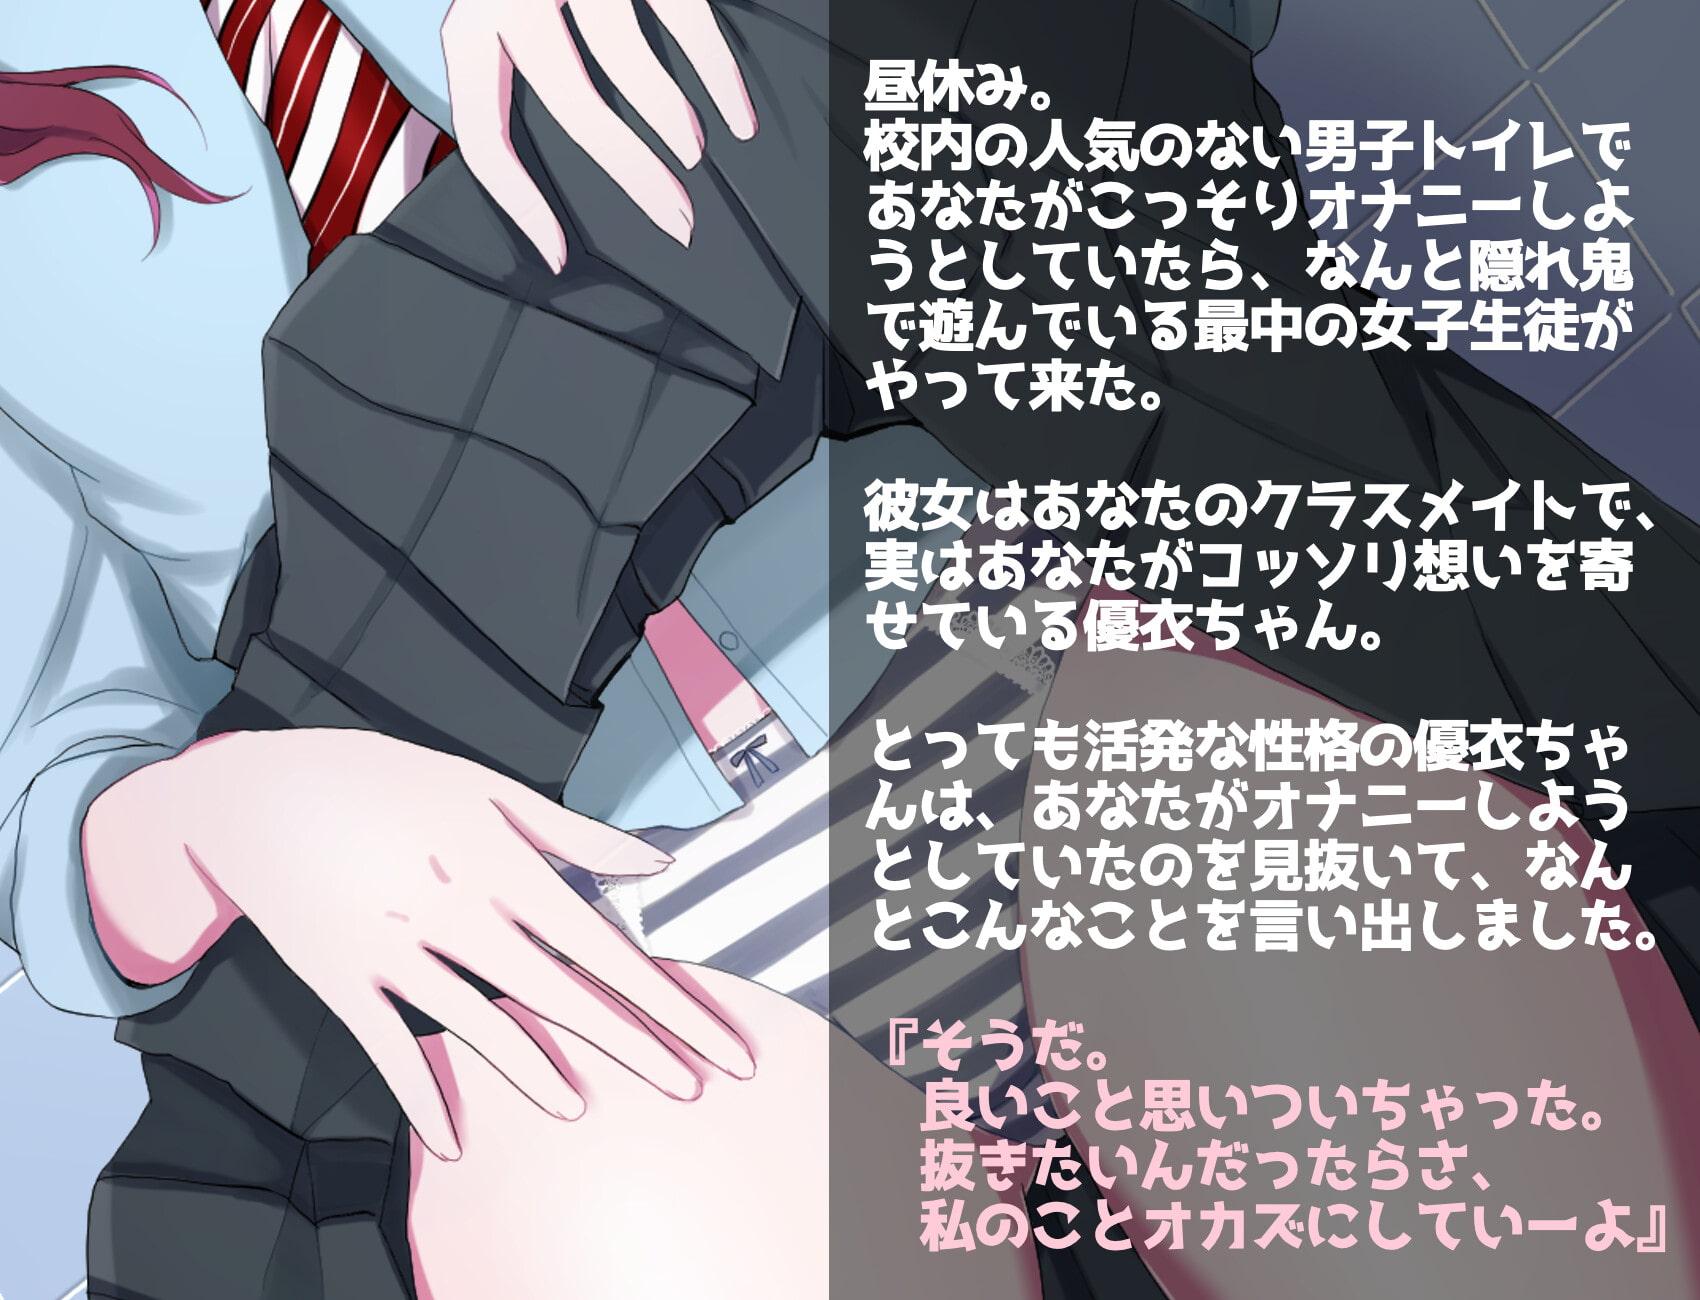 学園遊戯 〜気になるアノコに男子トイレで生ハメする話〜